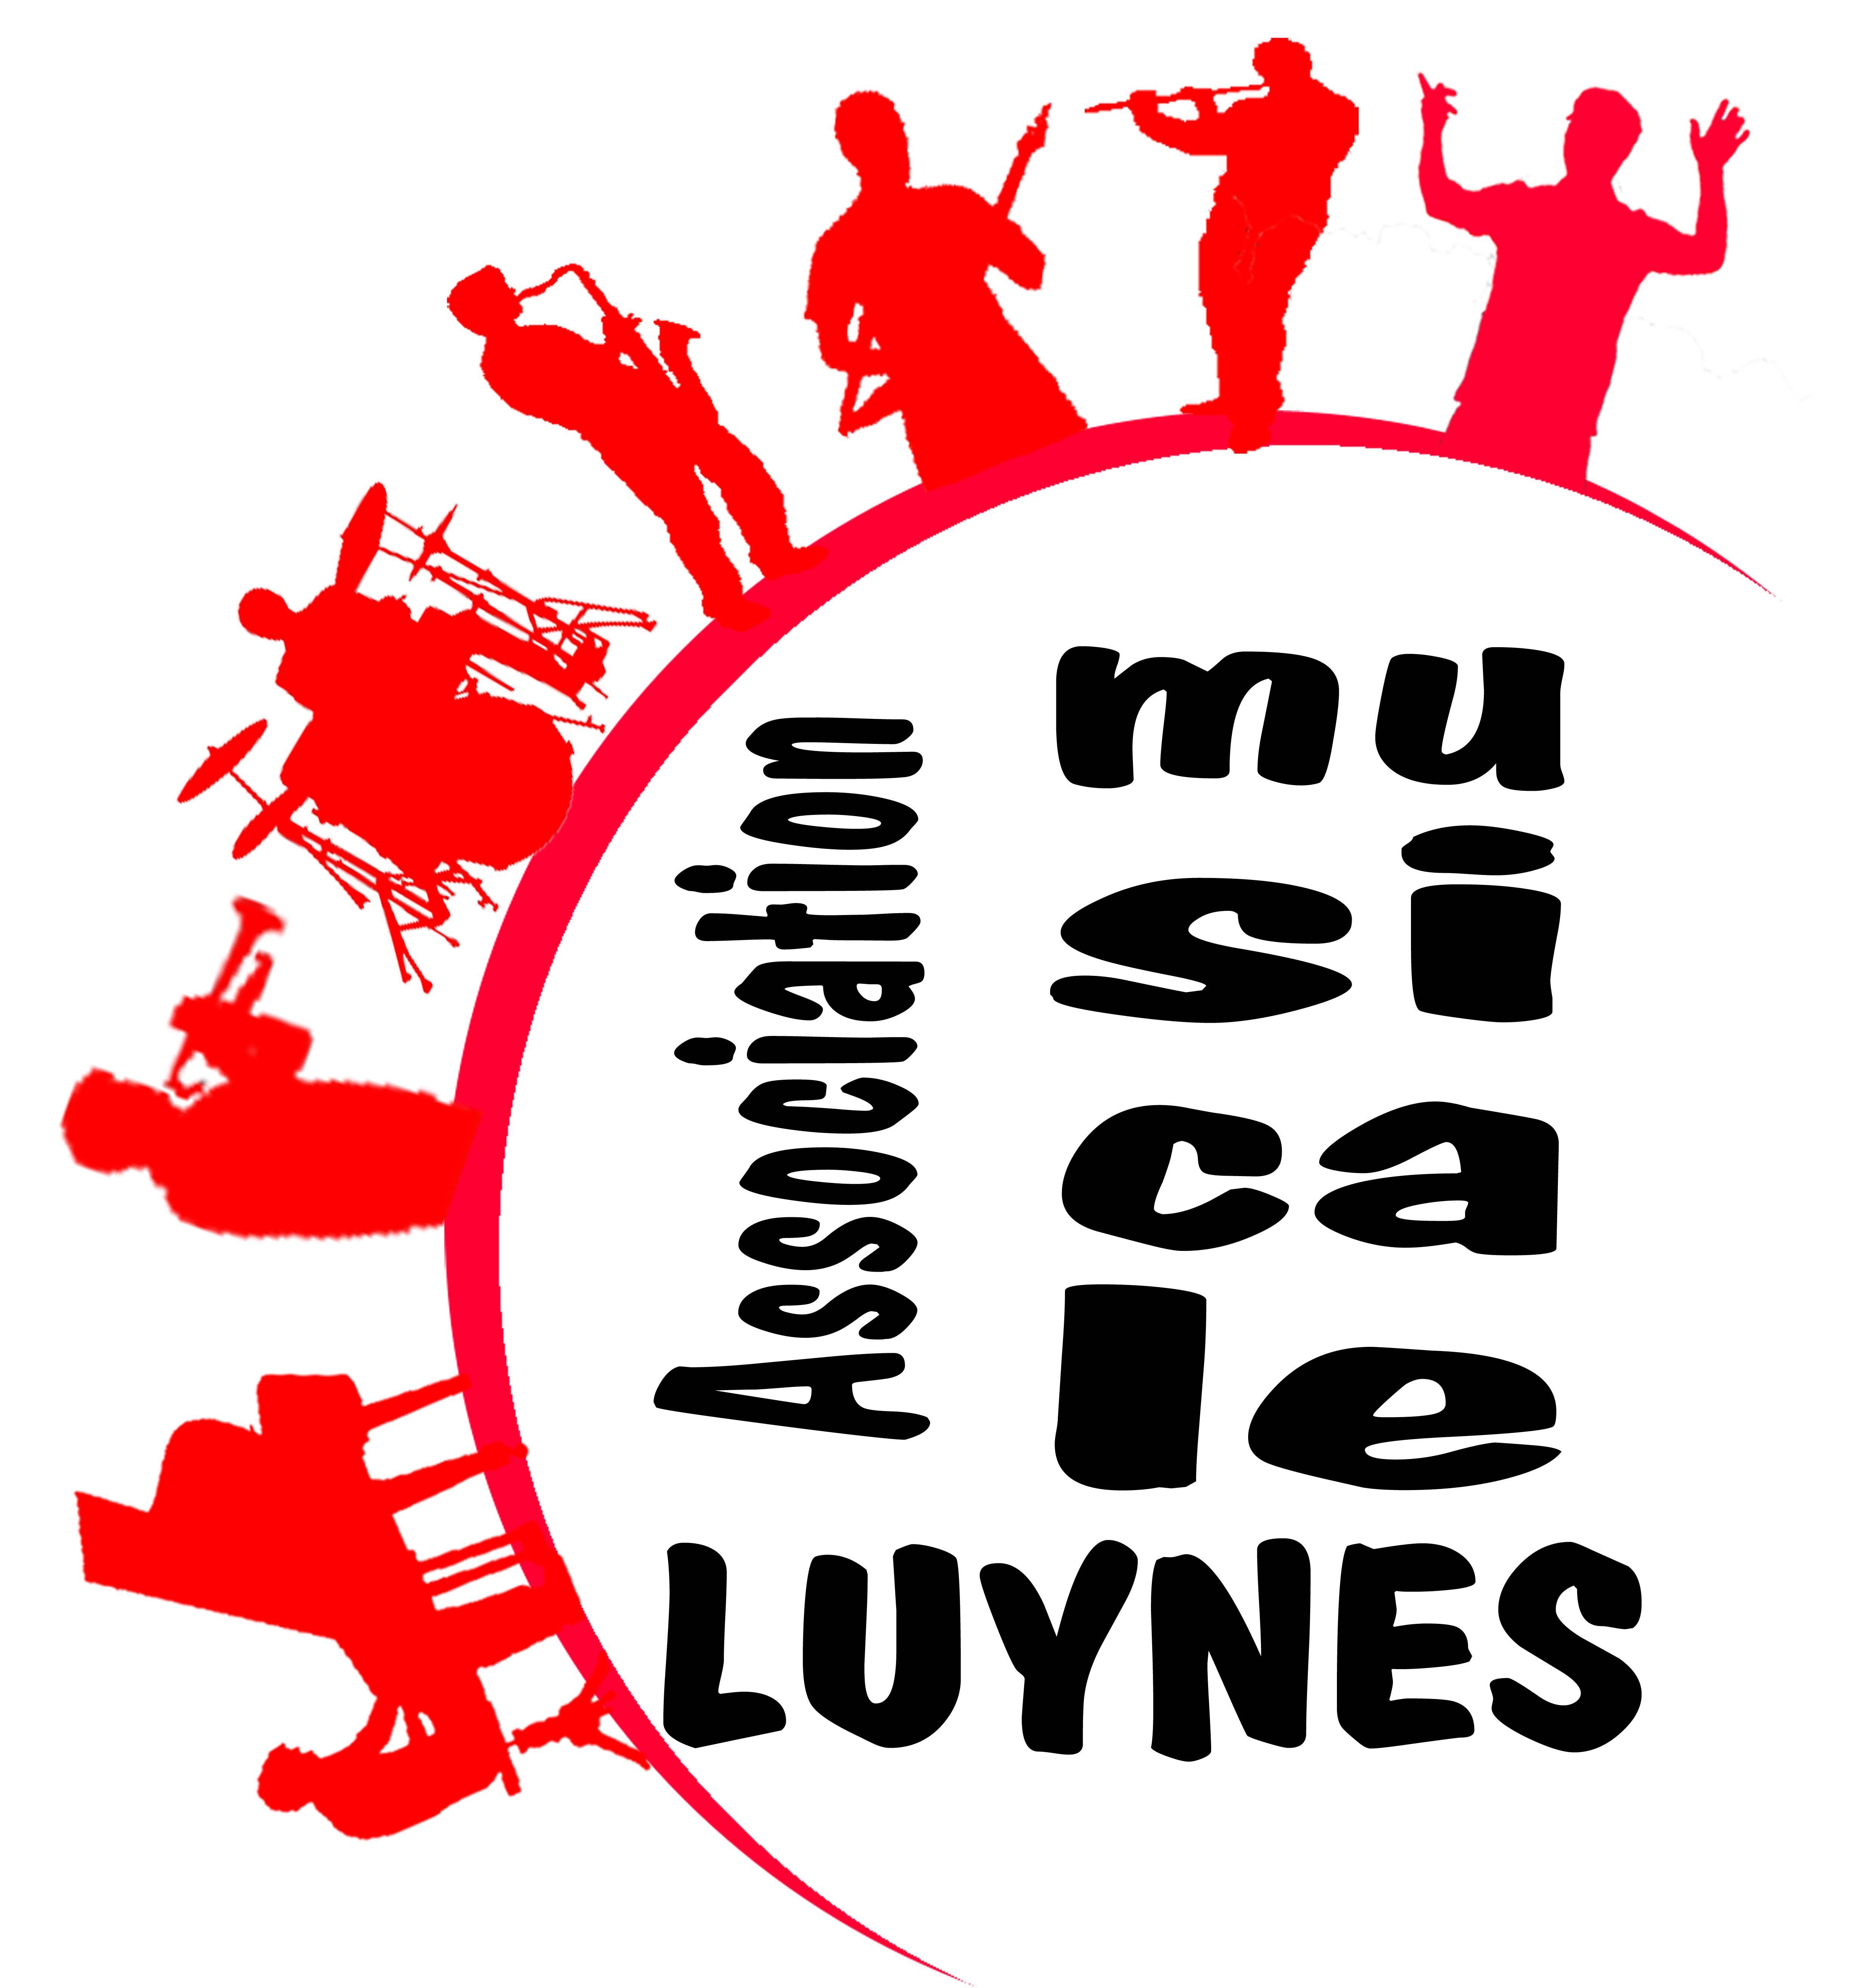 Musique de Luynes